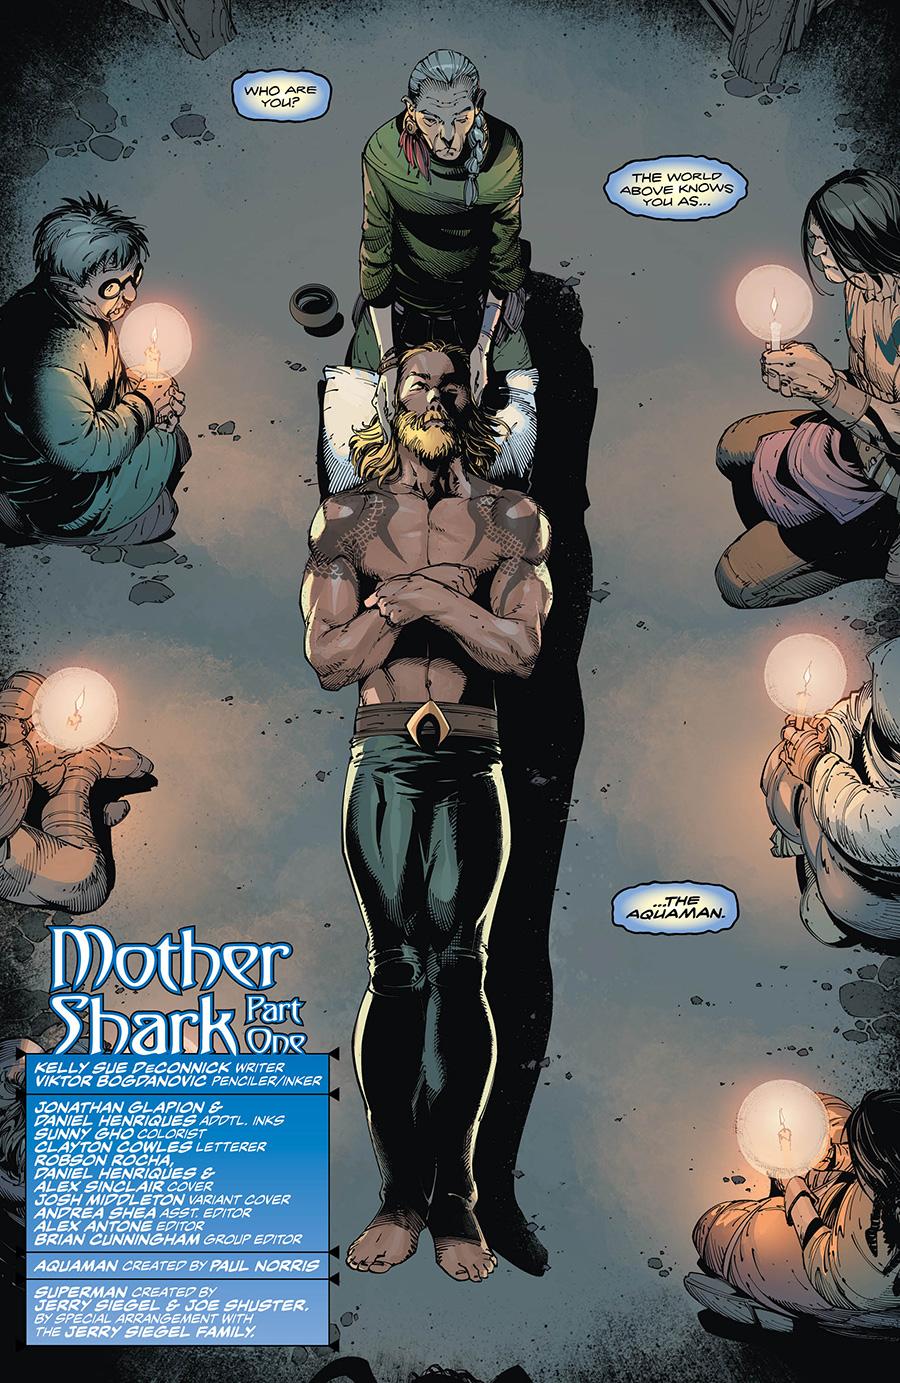 Aquaman 48_1 - DC Comics News